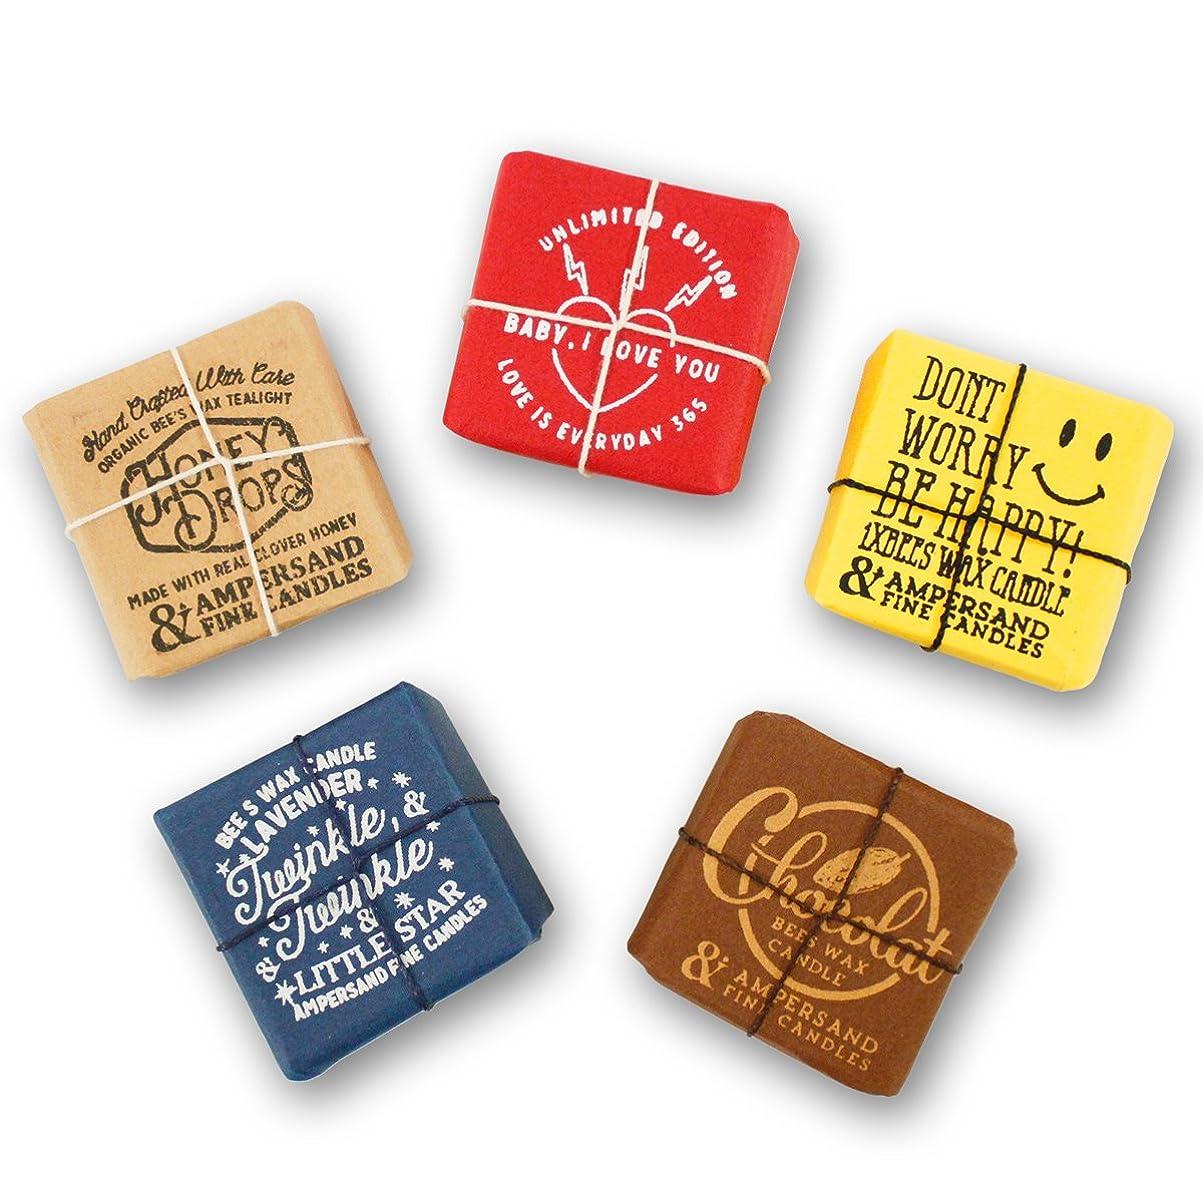 グラディスそれらシネマAmpersand Fine Candles(アンパサンド ファイン キャンドル)キャンドル ルームフレグランス ASingle Bees [ 5type ] アロマ ギフト オーガニック OS,Chocolate